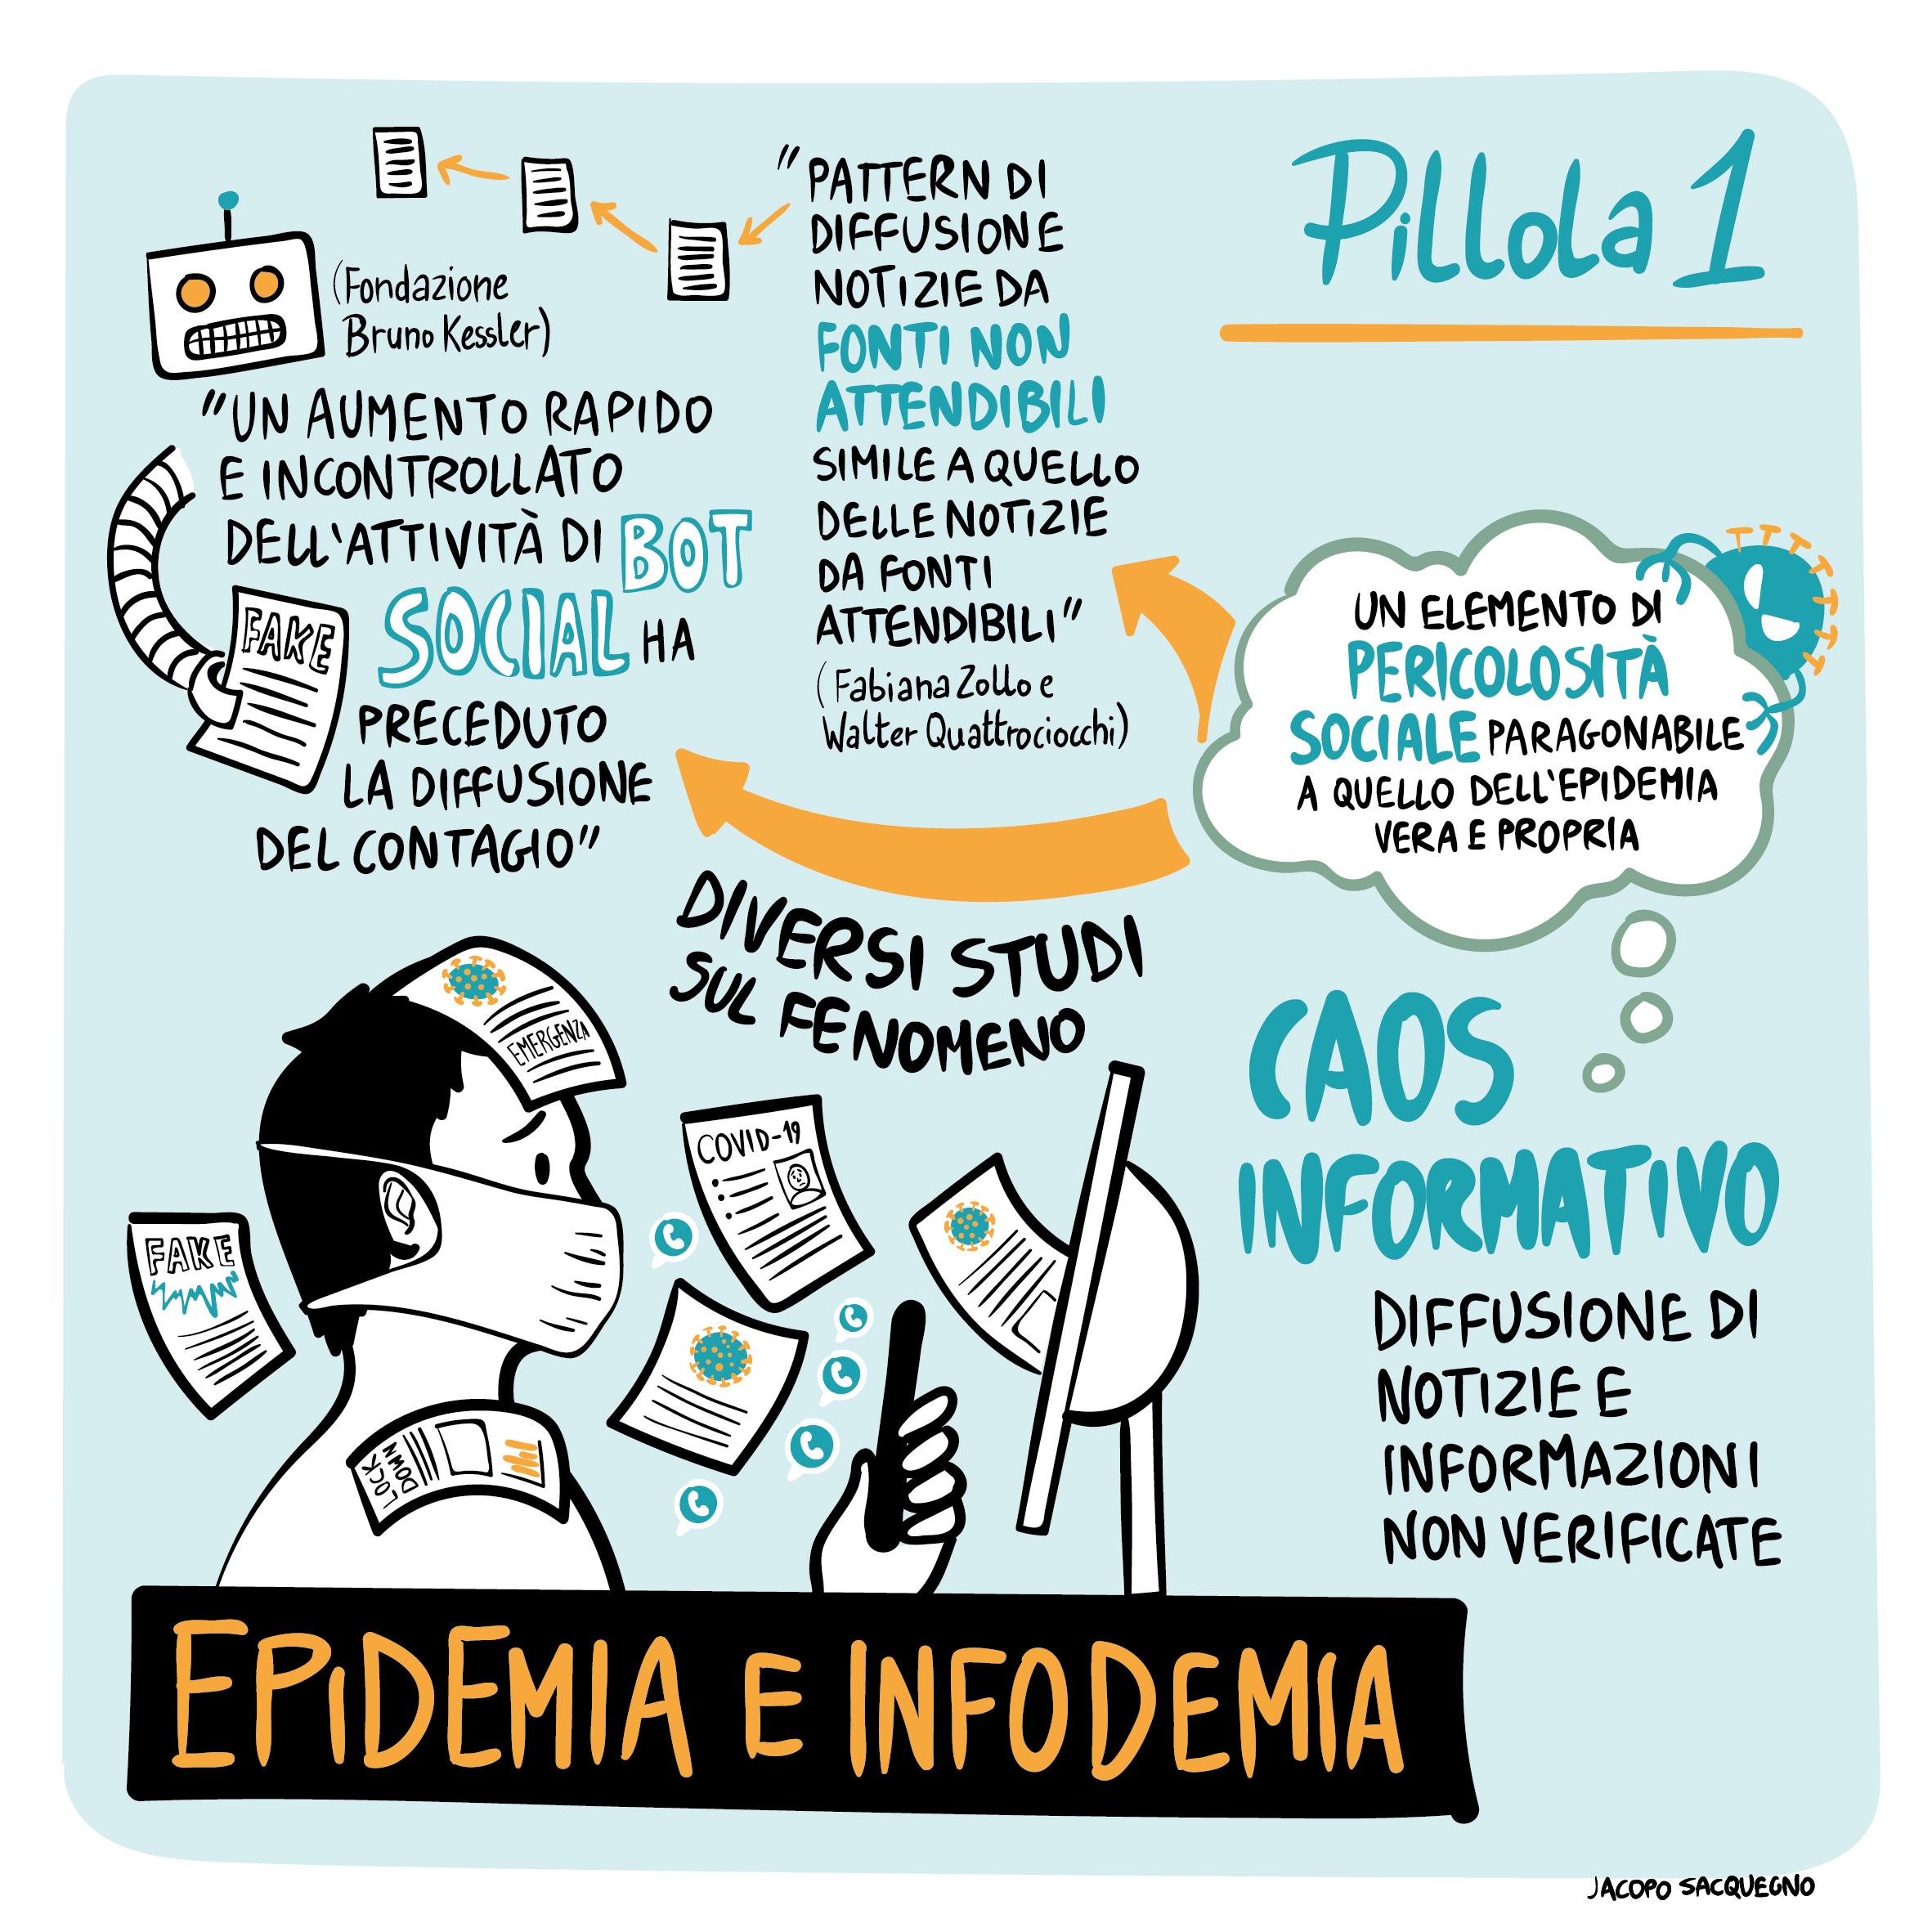 Epidemia e infodemia